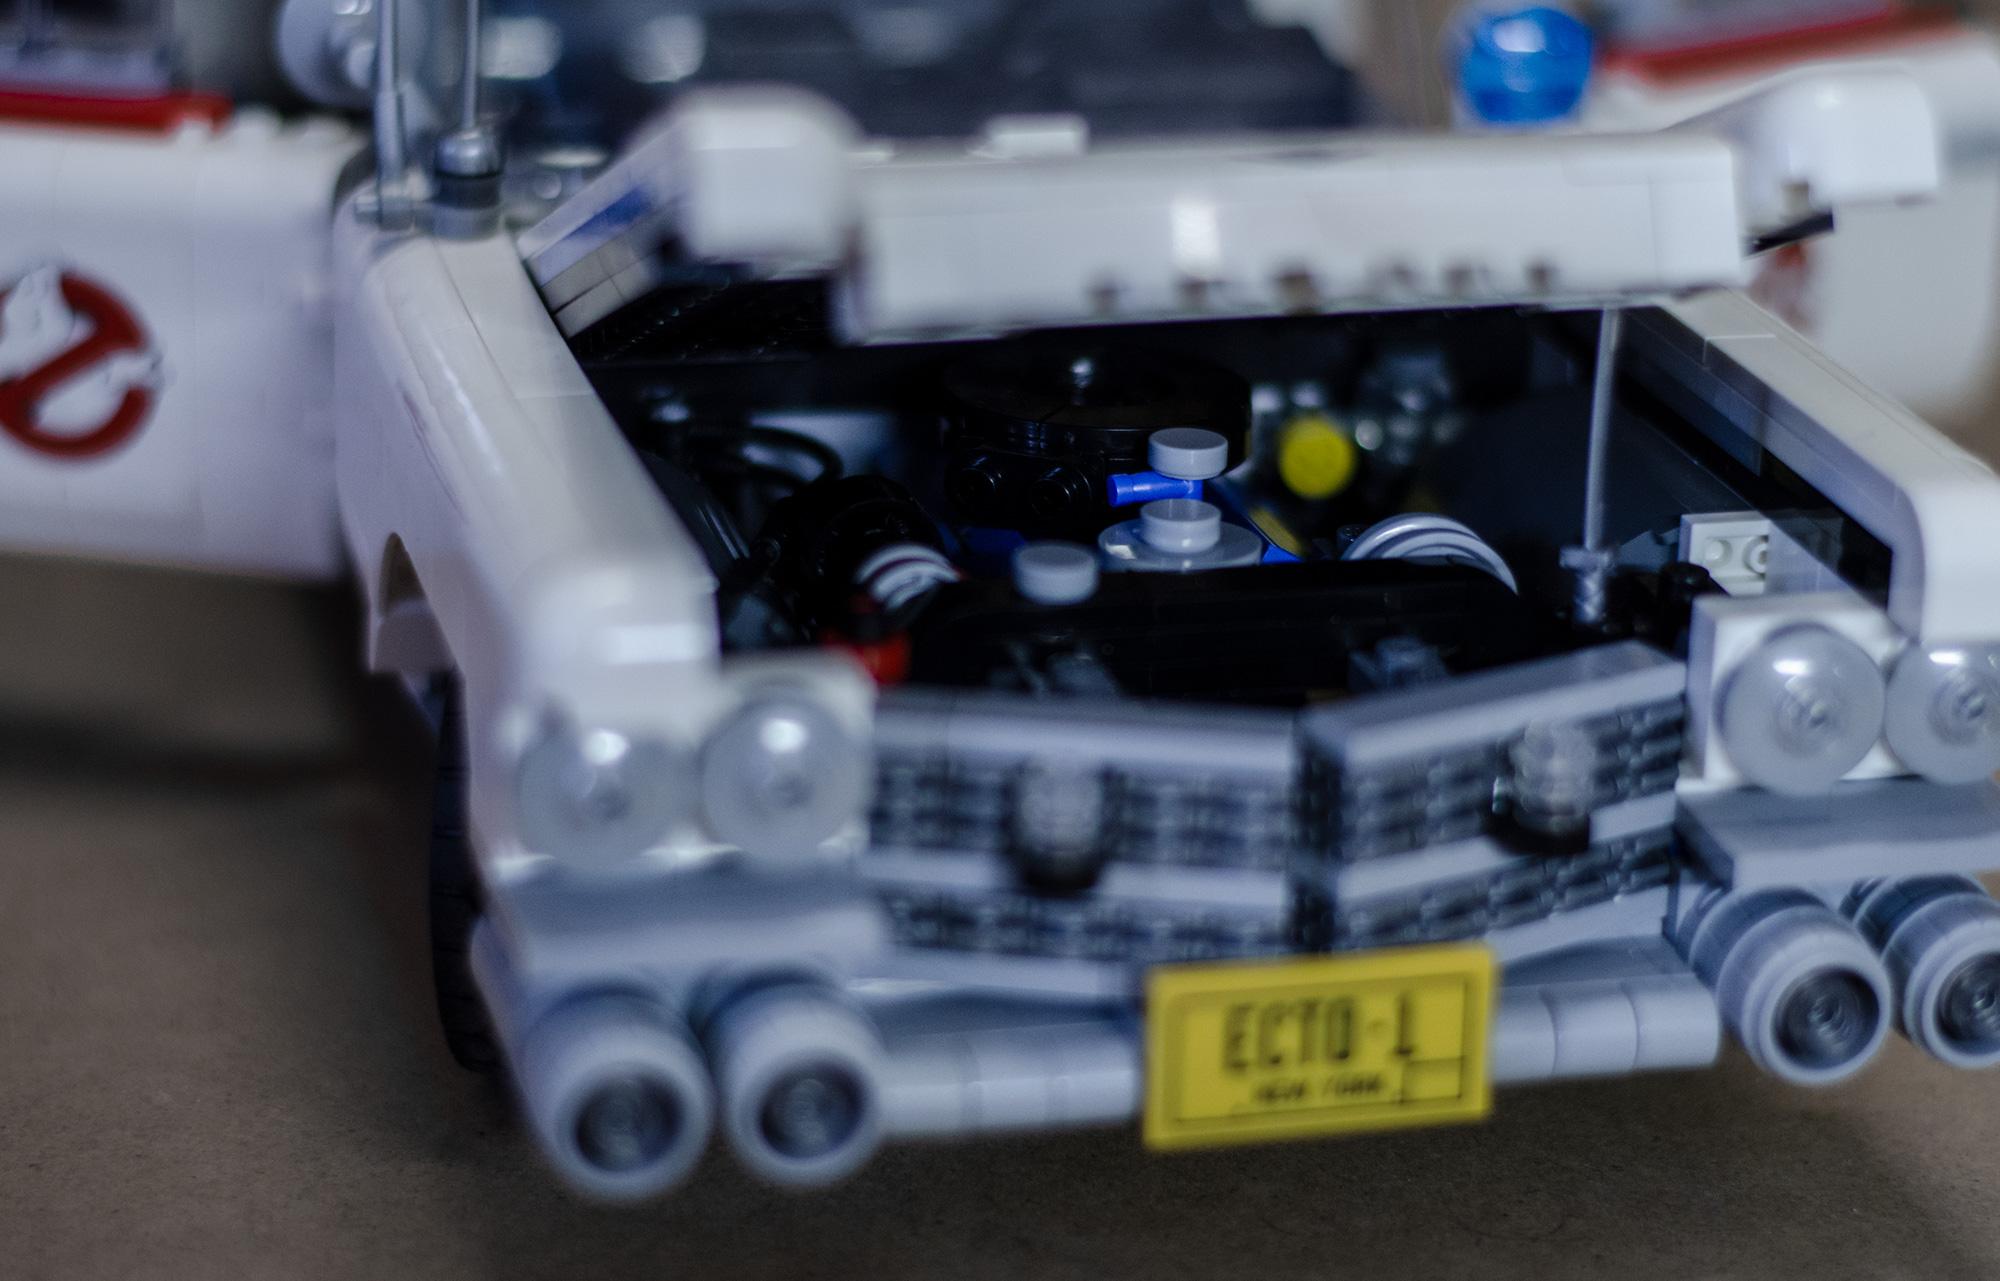 Lego-10274-ecto-1.004_motorization-mod-engine